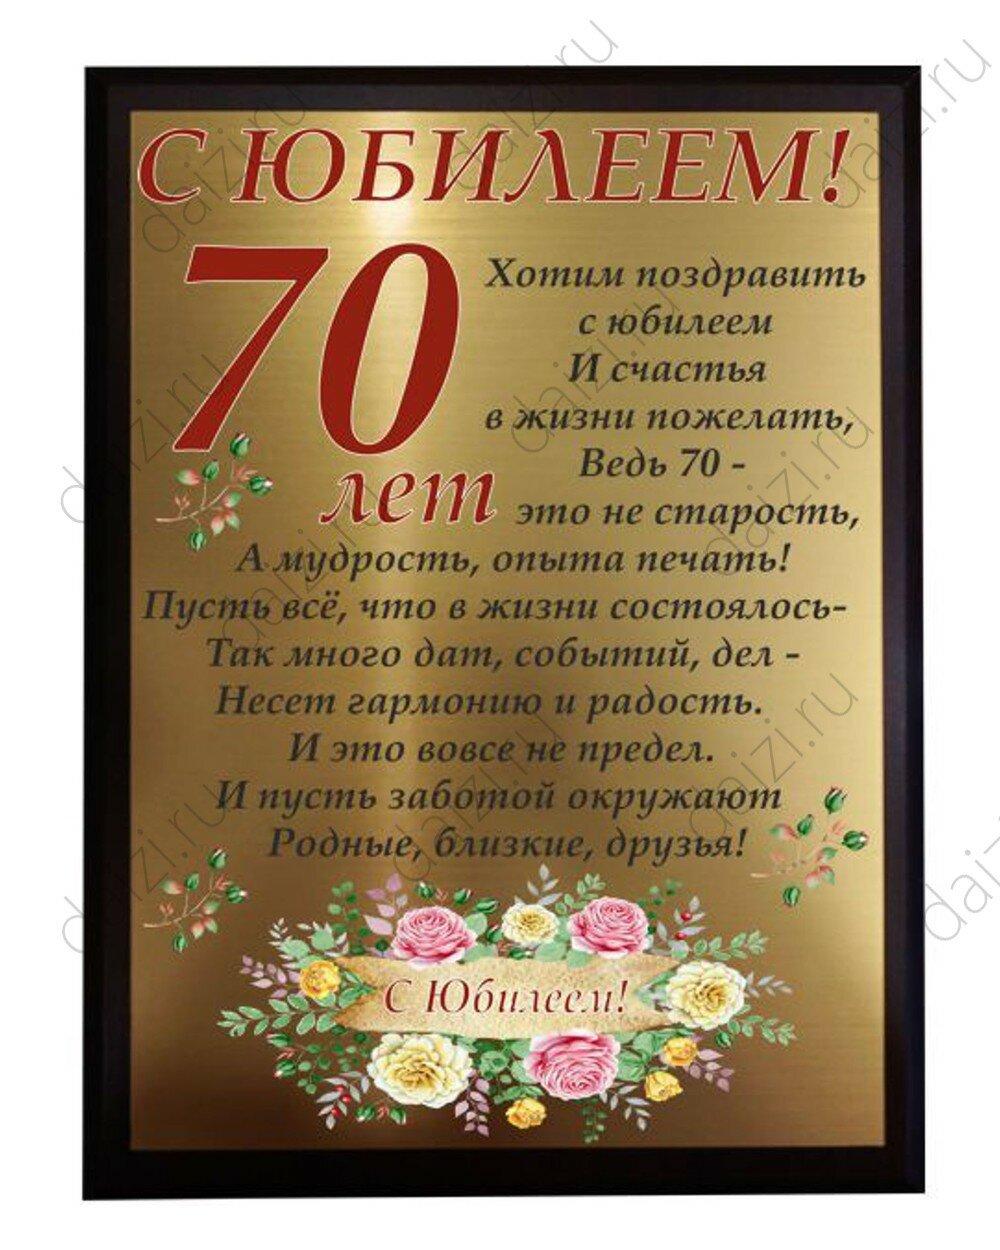 Поздравления с юбилеем 70 лет женщине учителю